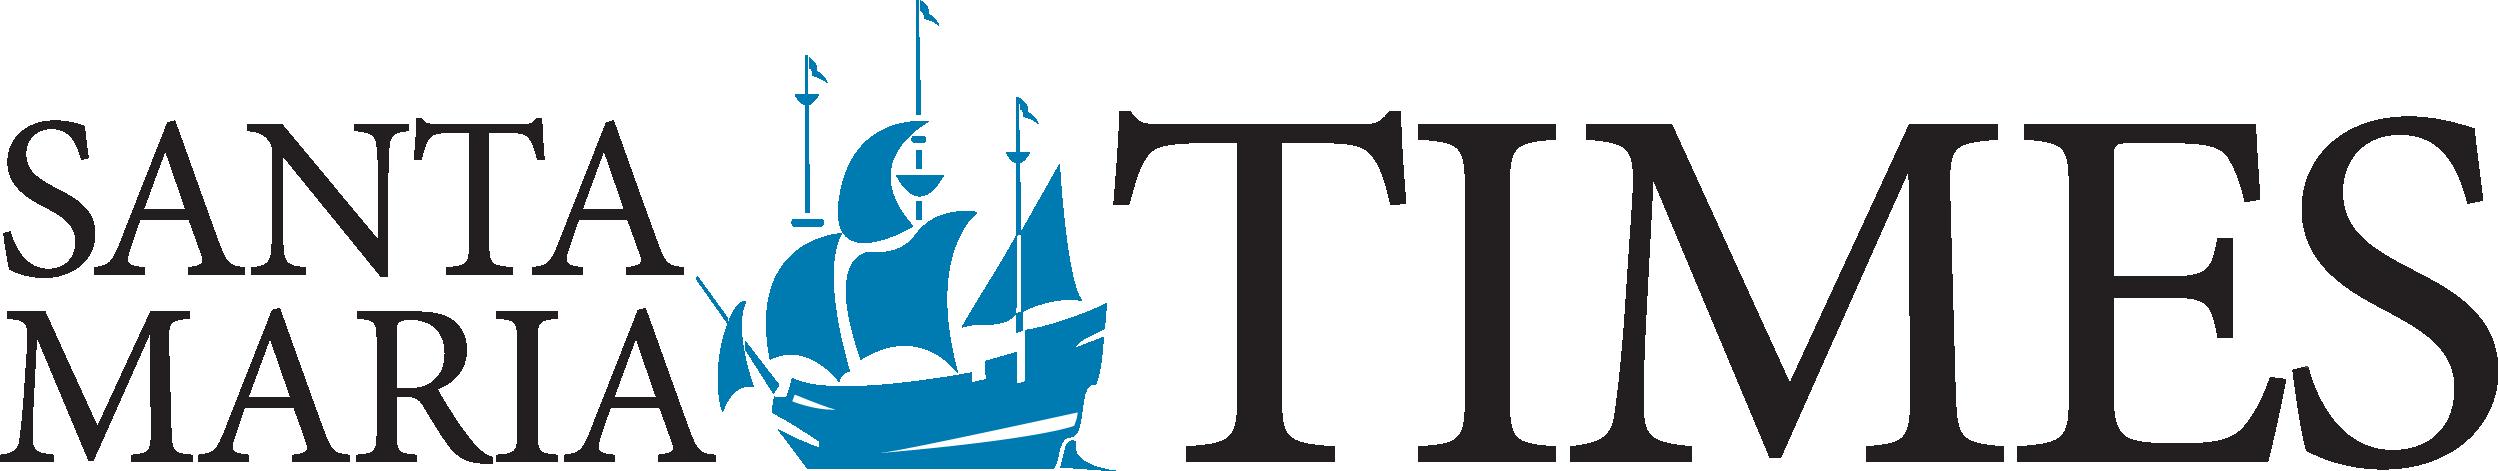 Santa Maria Times - Decline